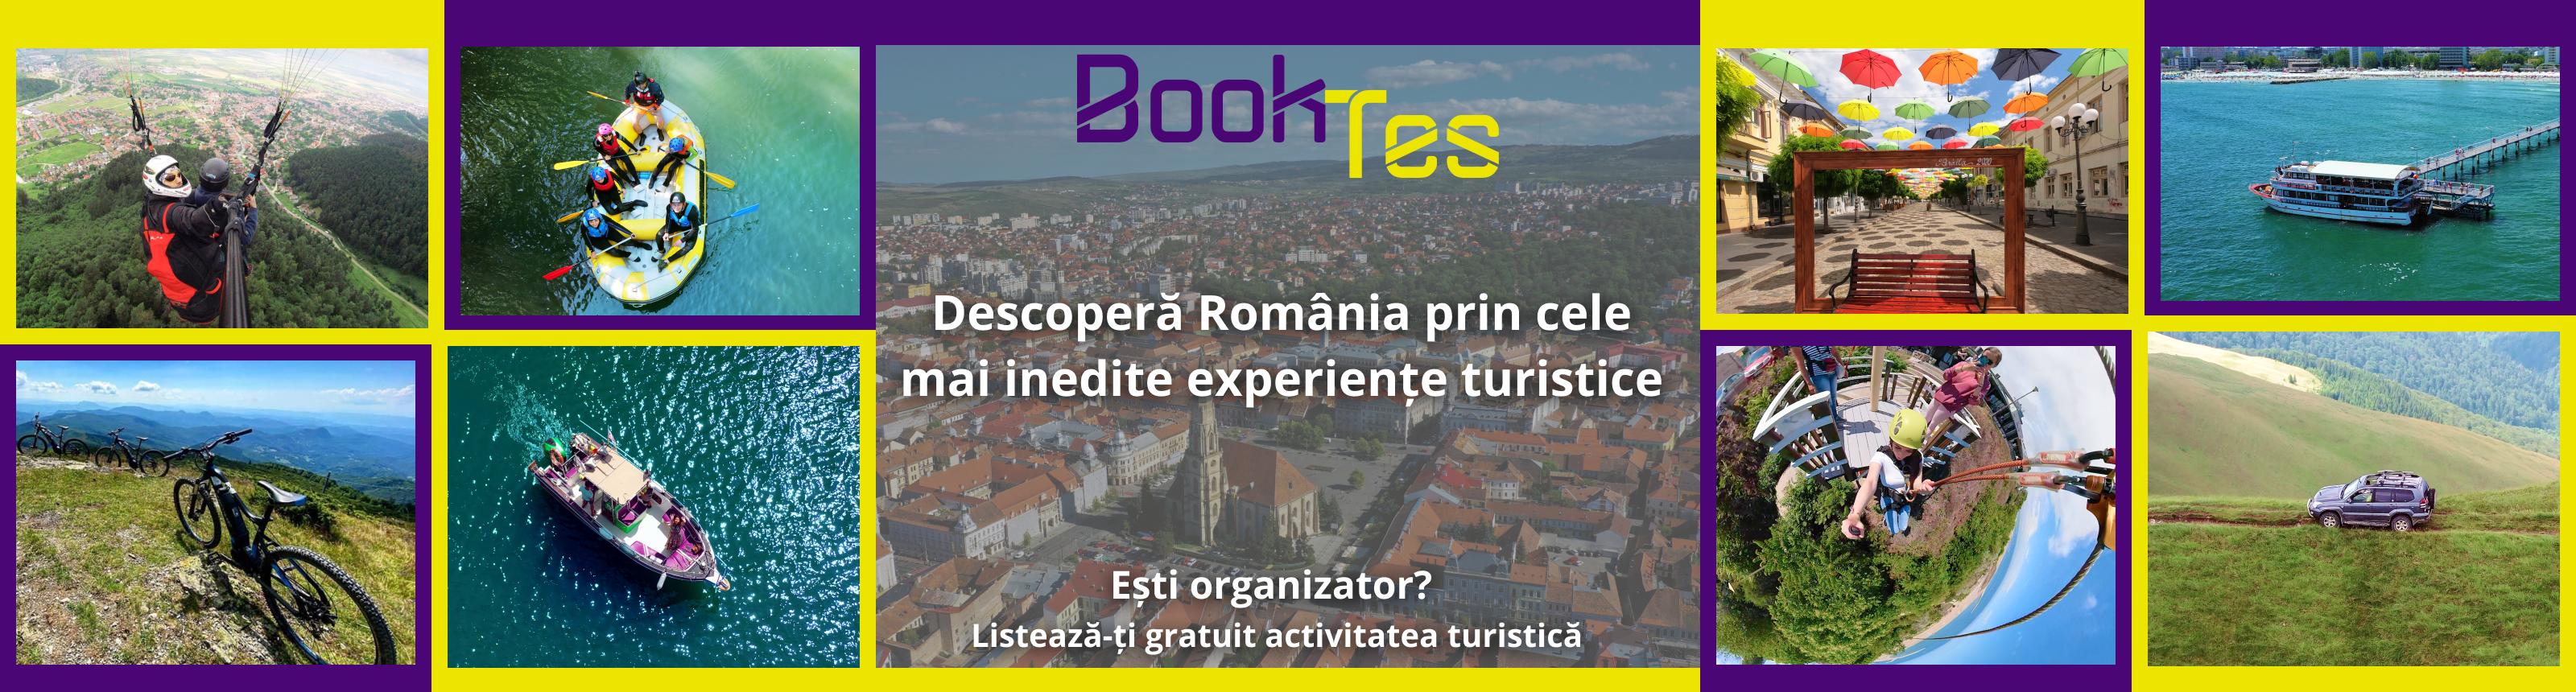 Ești organizator de activități turistice?